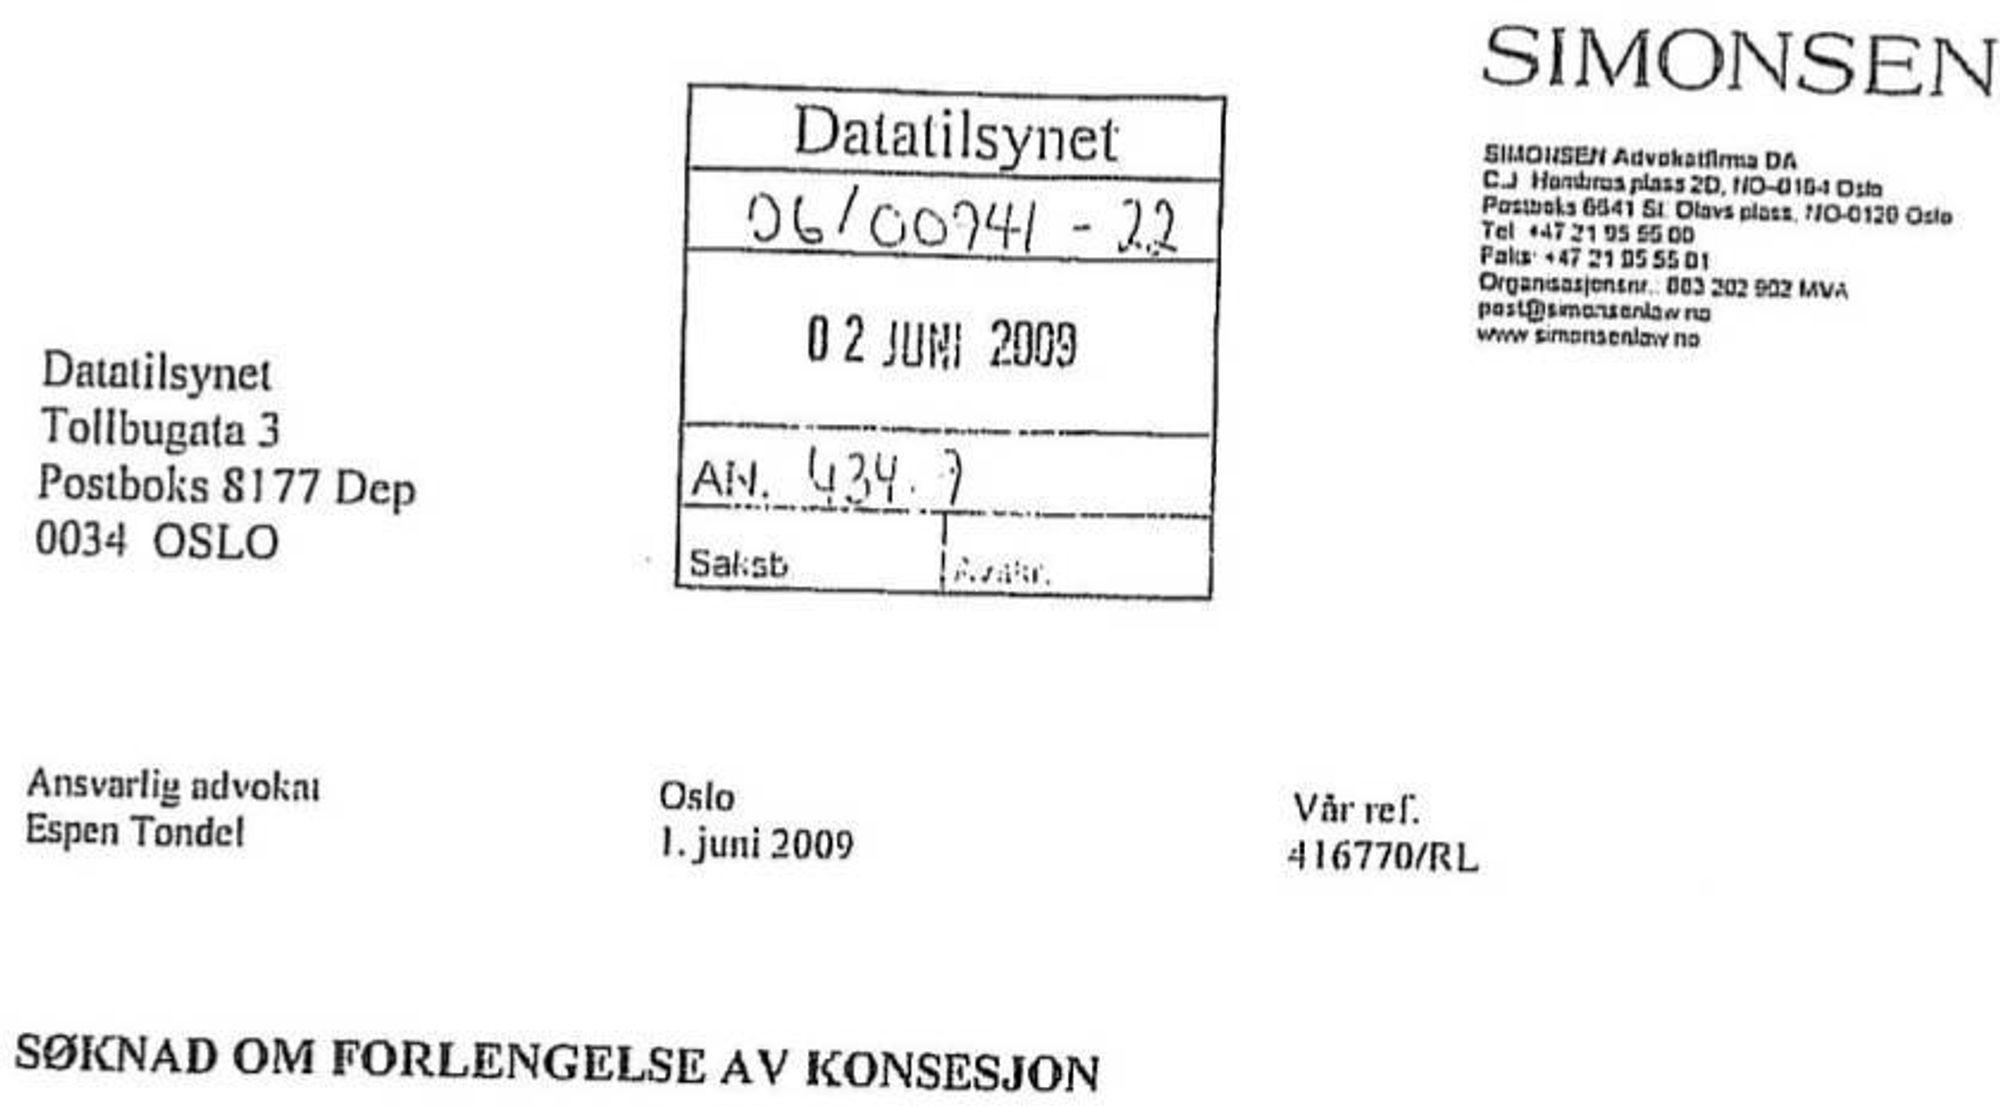 Advokatfirmaet Simonsen fikk avslag fra Datatilsynet om å få forlenget konsesjonen sin frem til 31.12.2010. Nå vil Kulturdepartementet si sitt.